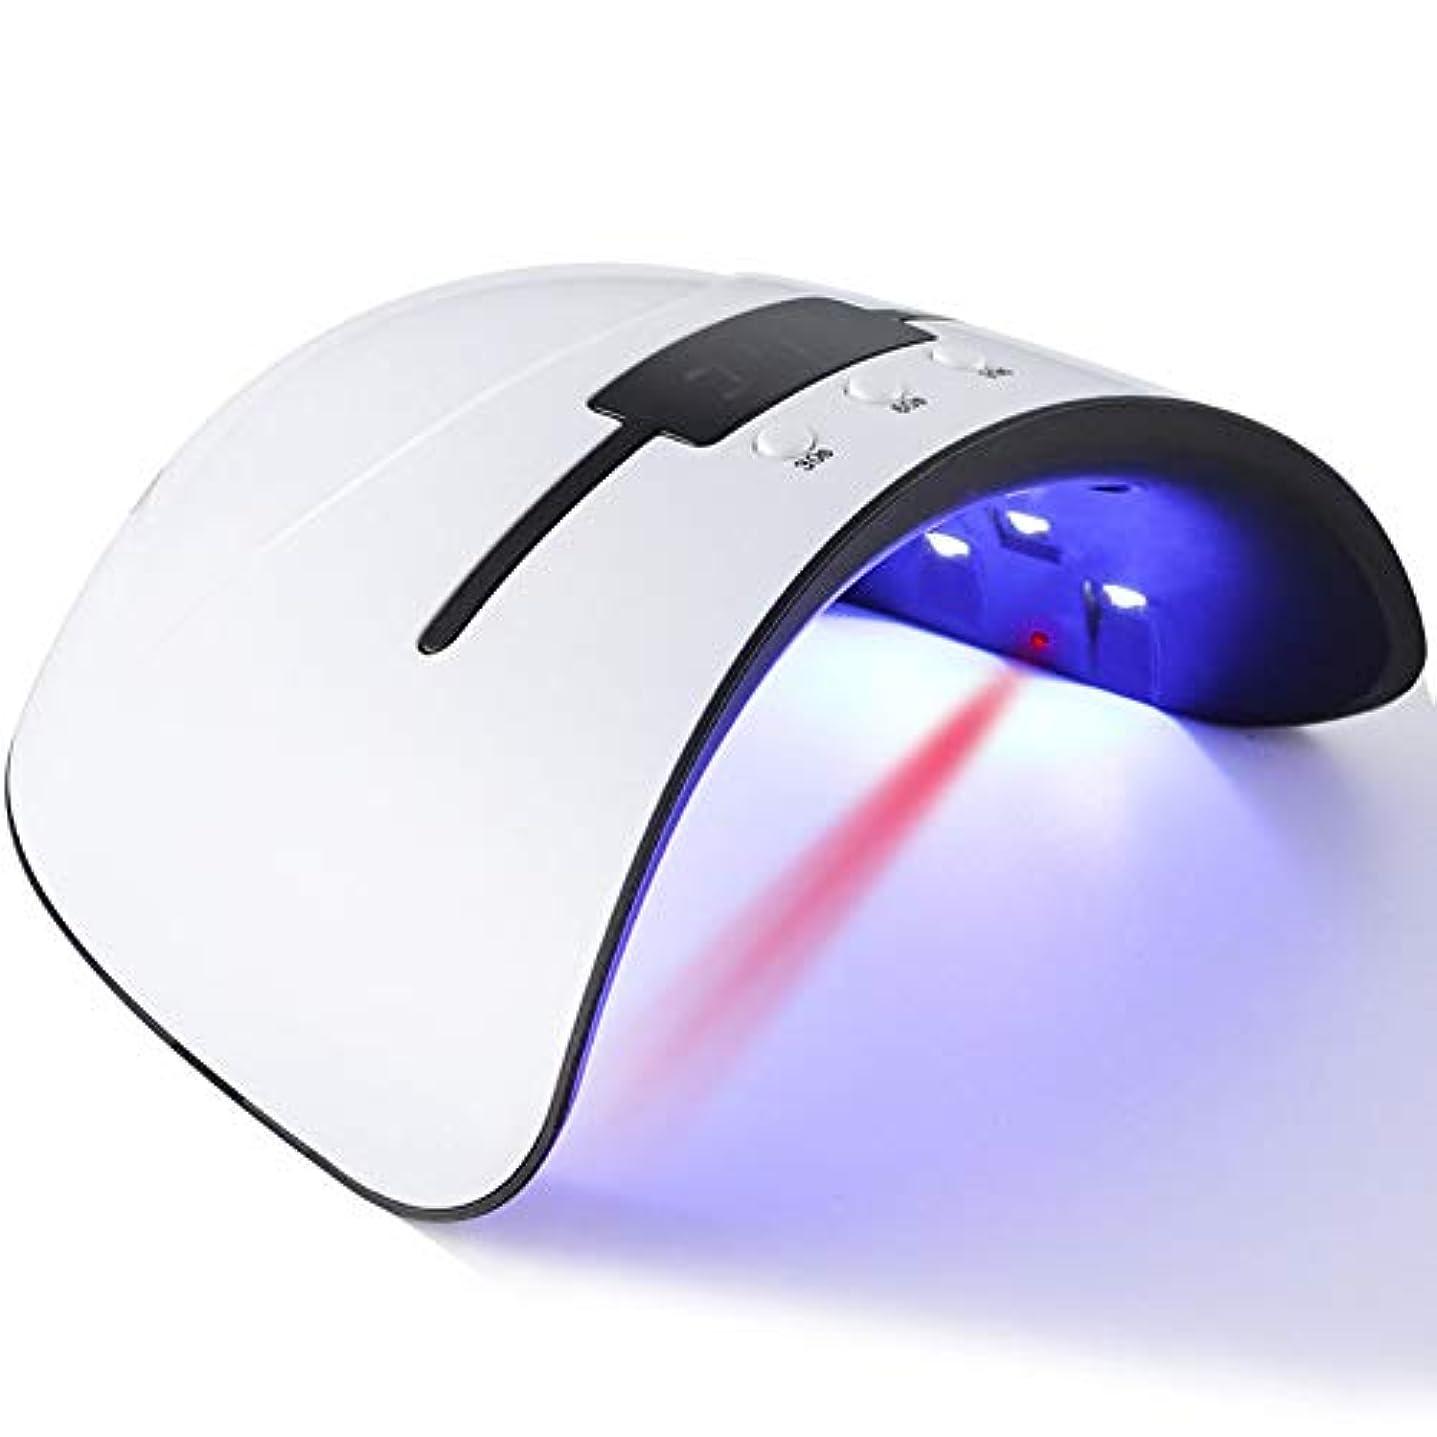 懲らしめ活気づける蒸留する硬化ライト ネイルlight ジェルネイル LED ネイルドライヤー 日本語説明書付属 36W 無痛硬化 赤外線検知